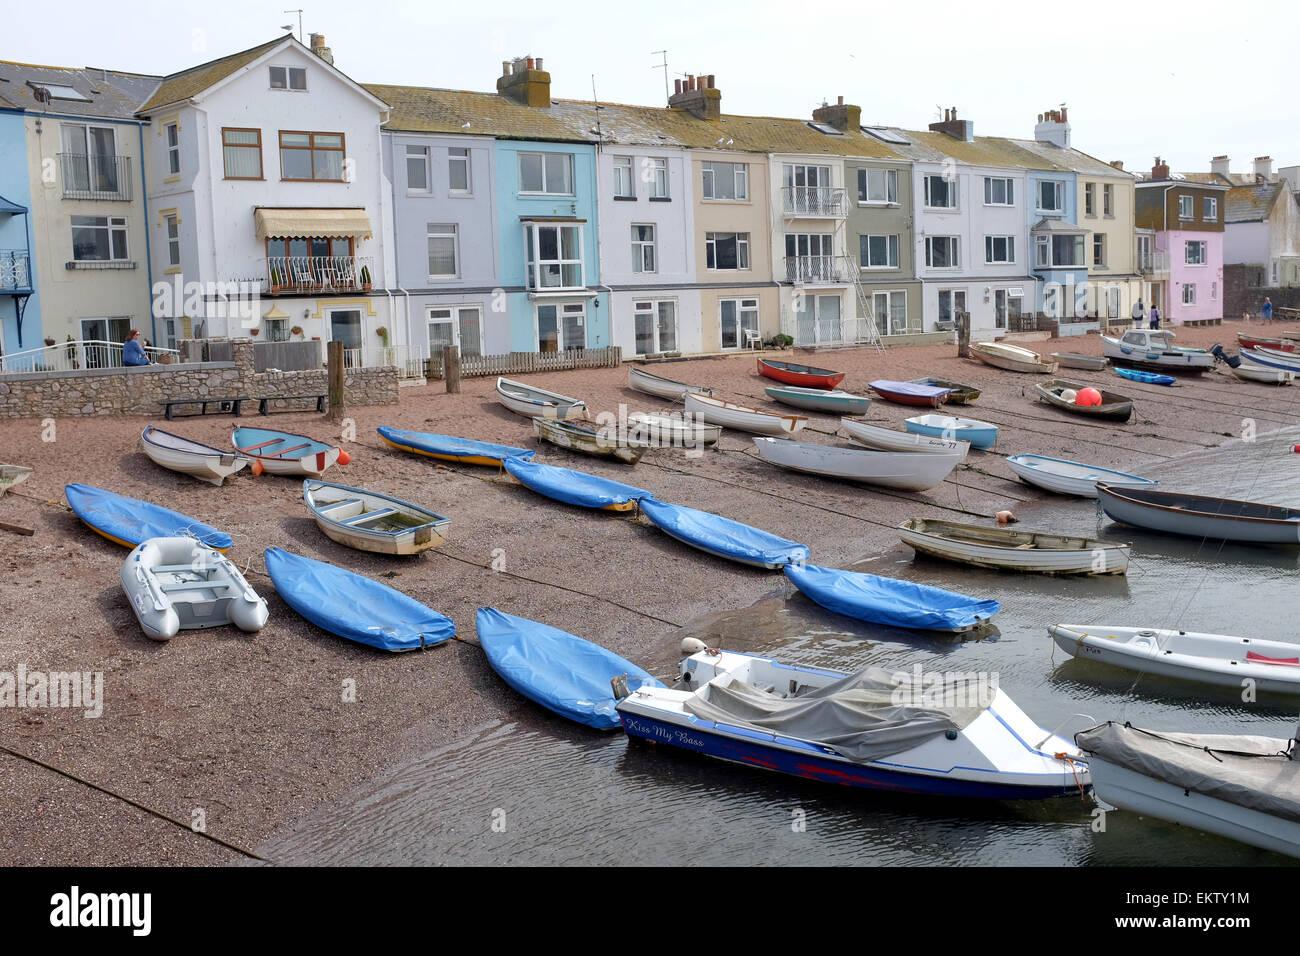 Boote gegen farbige Häuser in Teighmouth Devon Stockbild